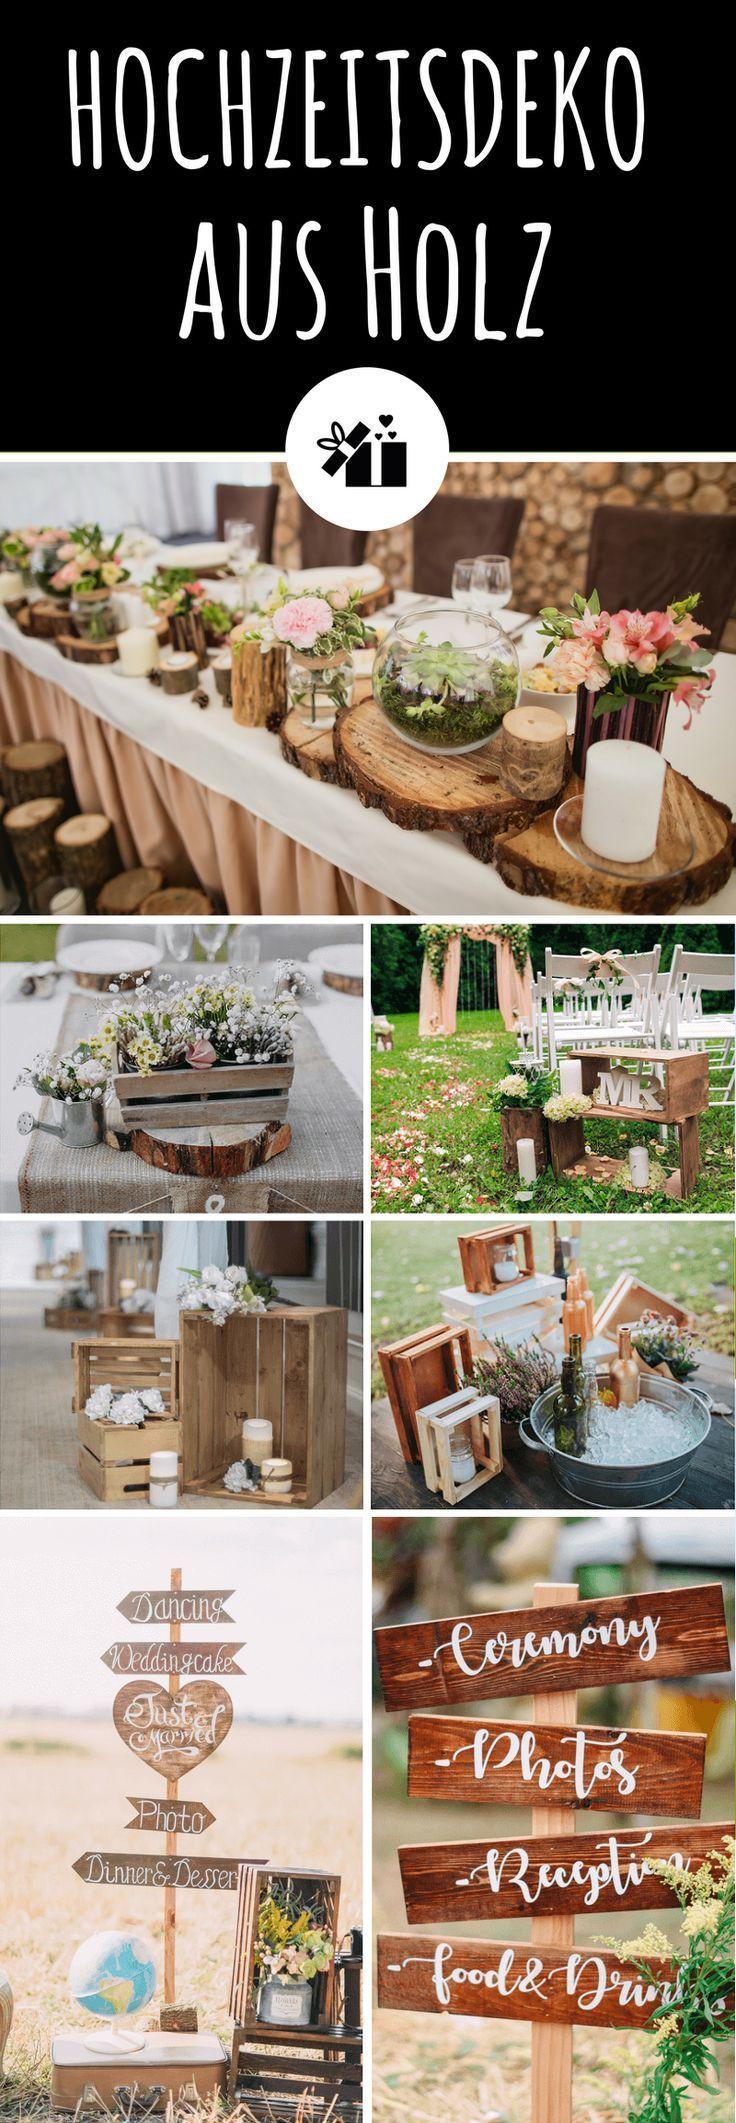 35 Ideen Fur Eine Rustikale Hochzeitsdeko Aus Holz Mrs Kate Lax